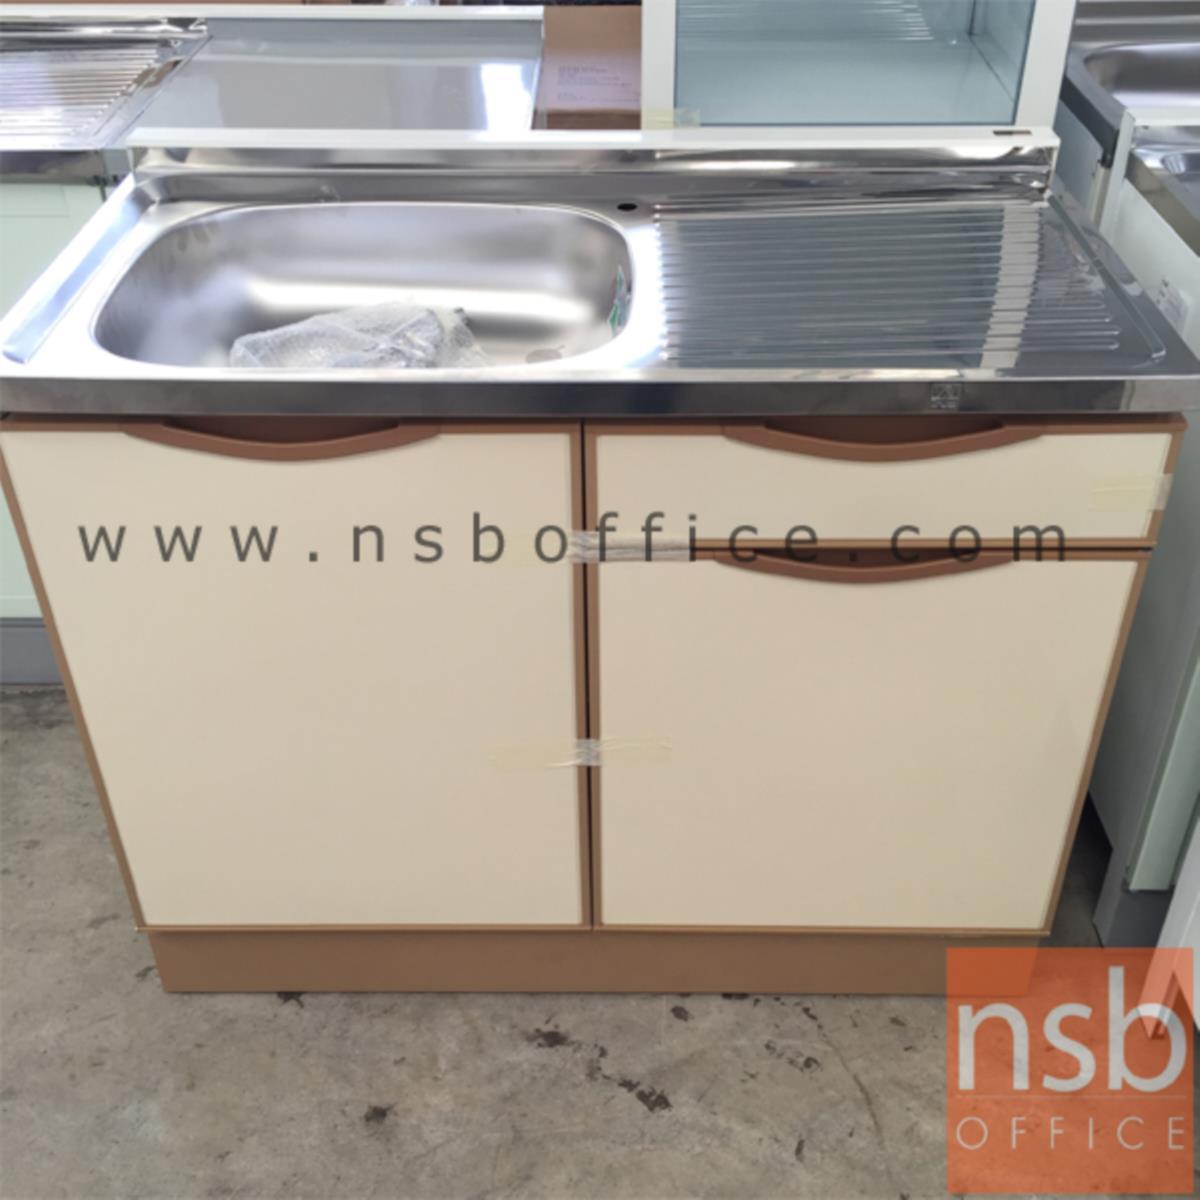 ตู้เคาน์เตอร์โครงอลูมิเนียม พร้อมซิ้งค์ล้างจาน กว้าง 100 ซม